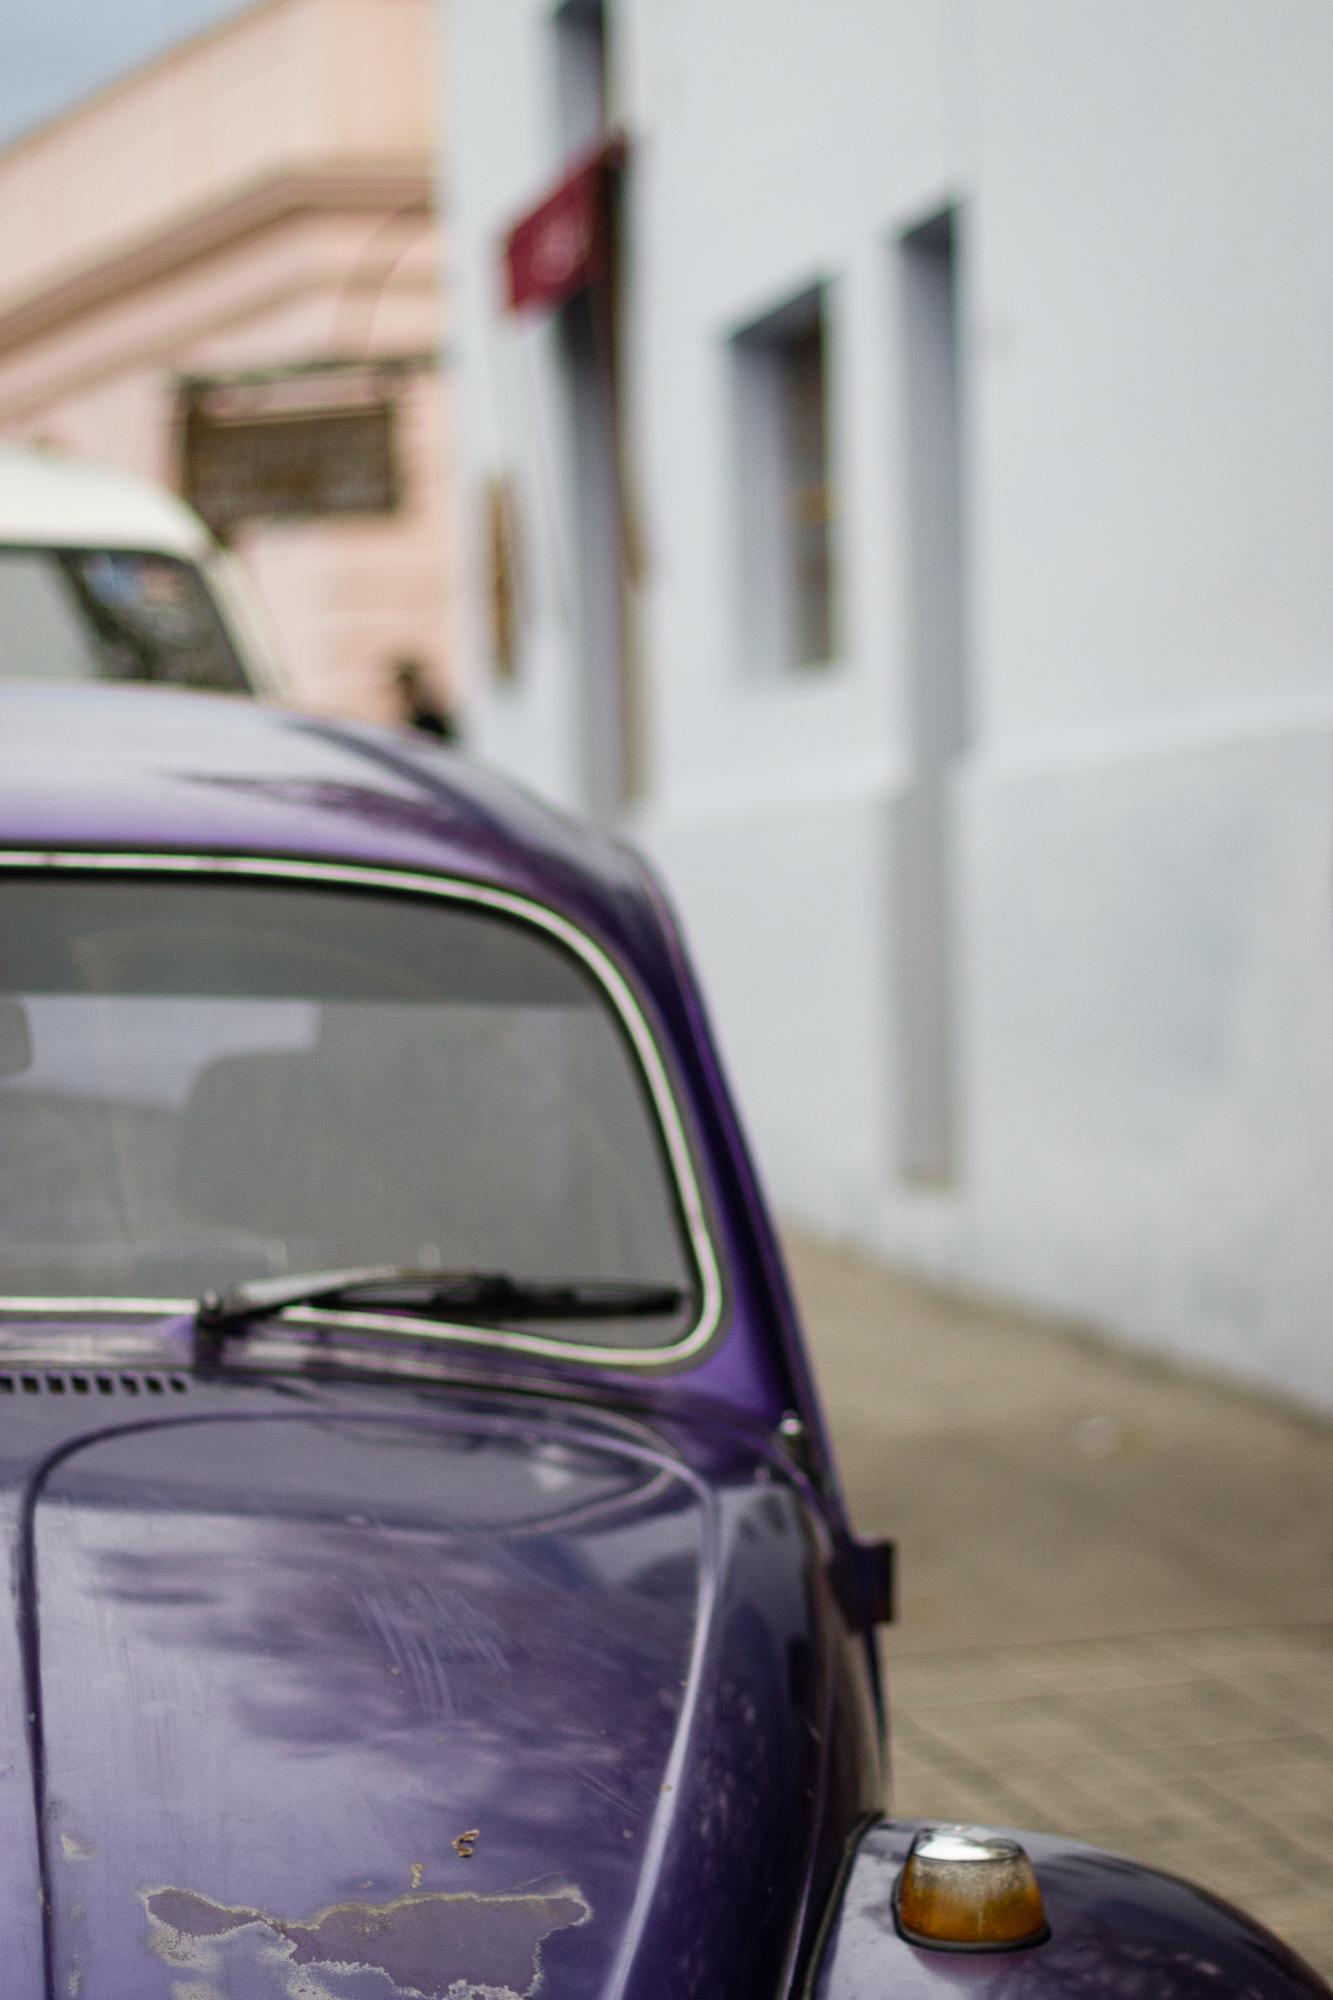 vieille voiture violette colonia del sacramento